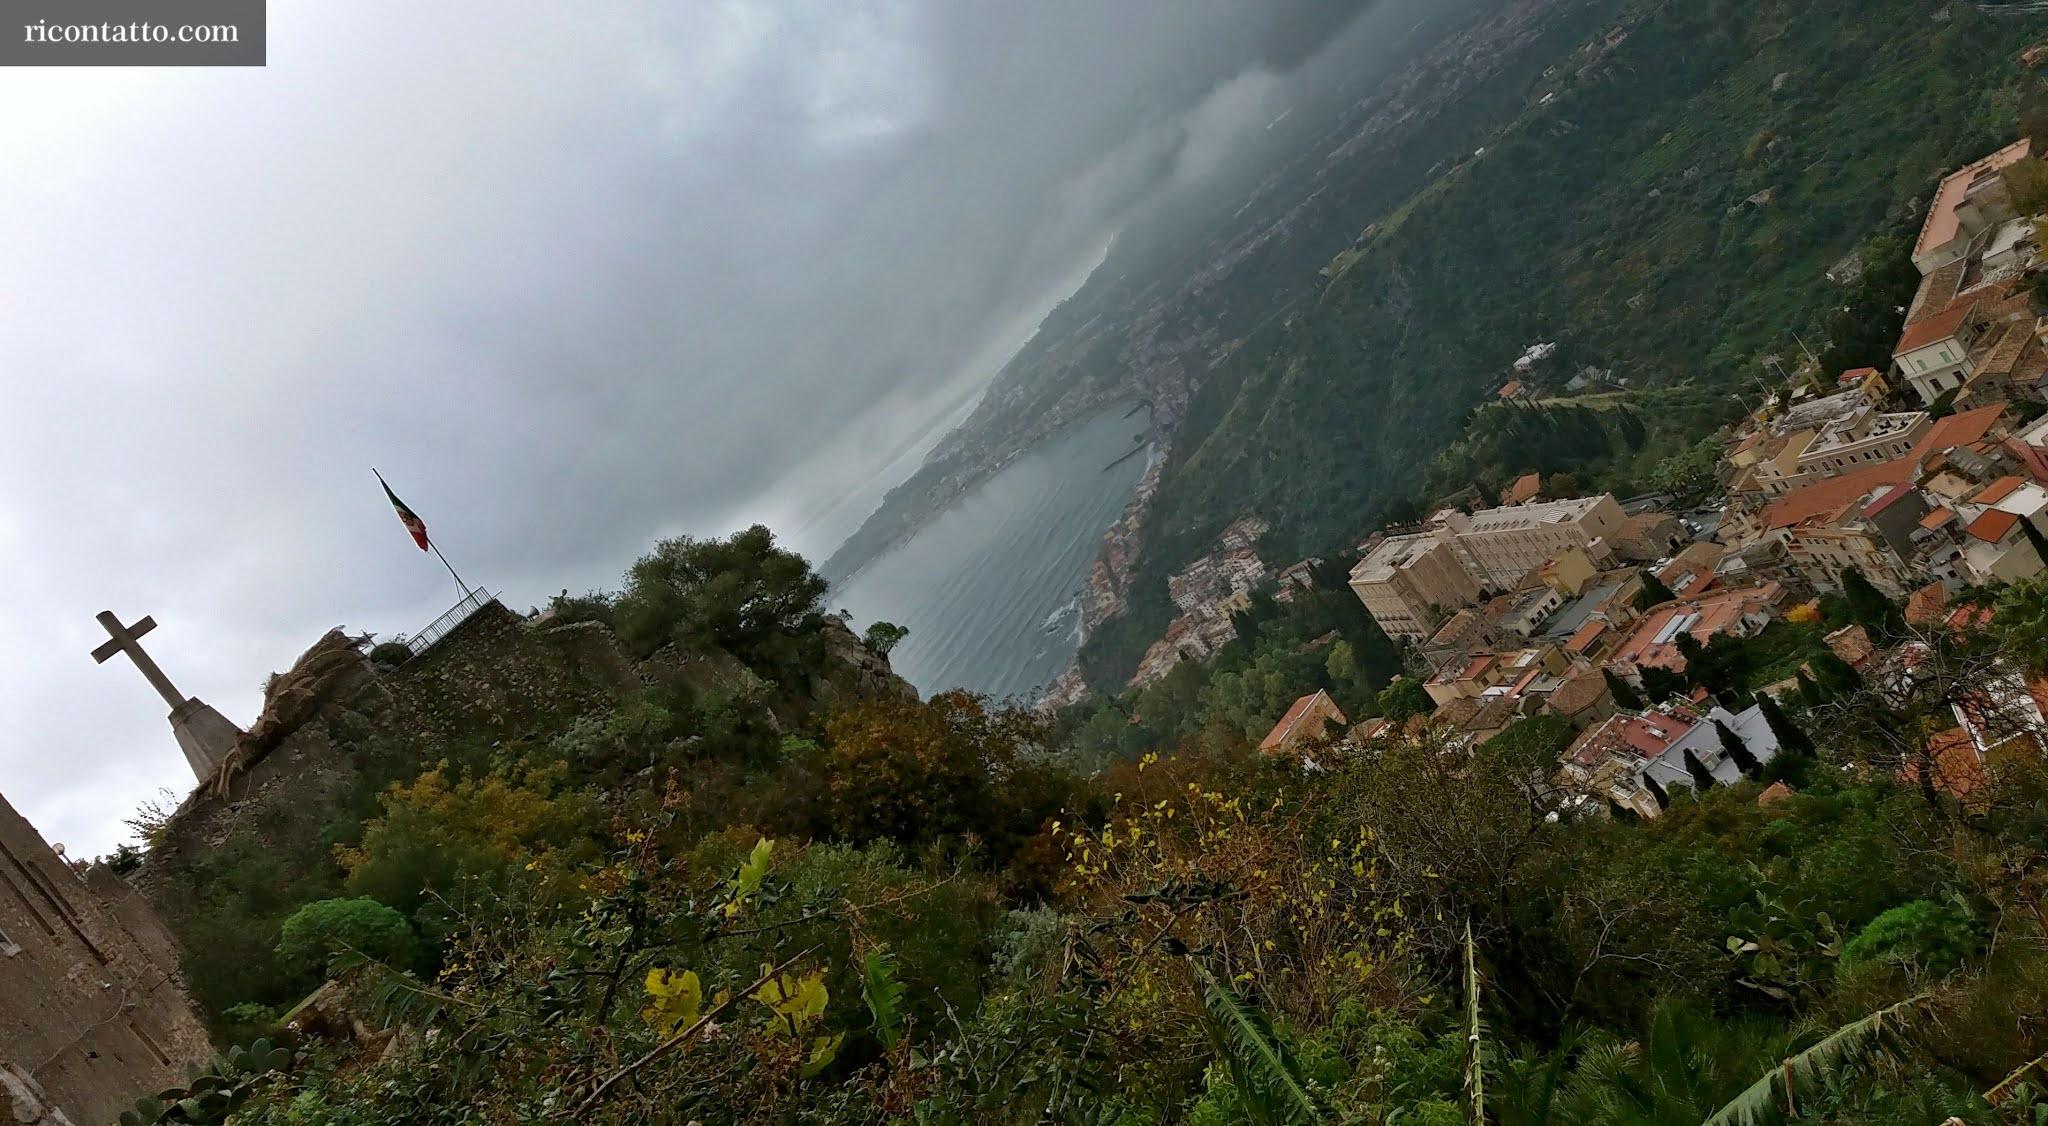 Taormina, Sicilia, Italy - Photo #18 by Ricontatto.com